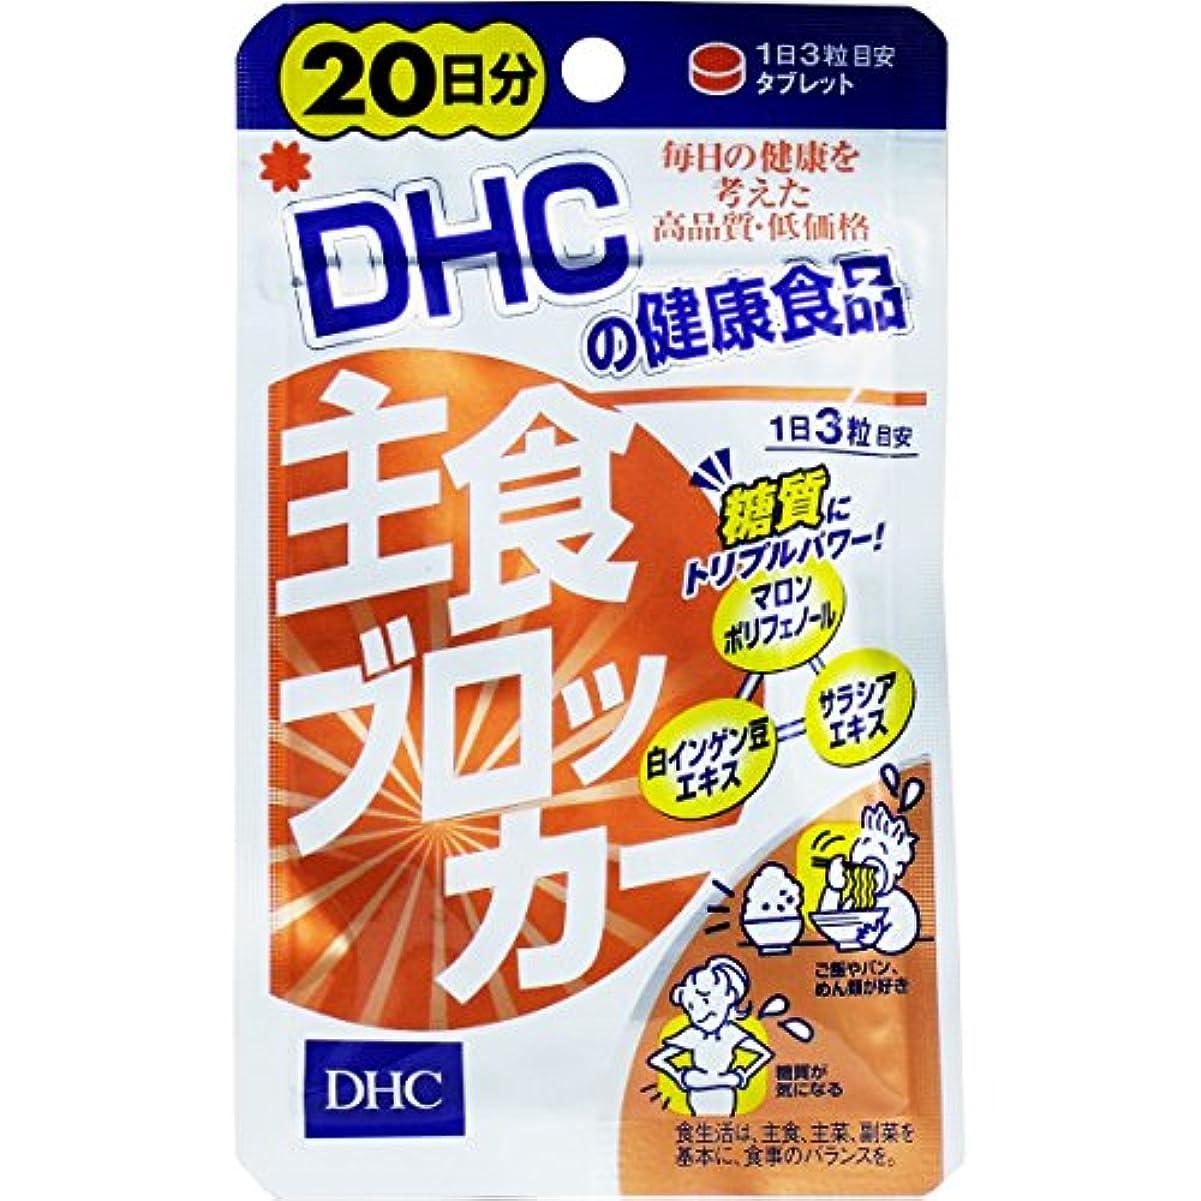 打ち上げる含める含めるダイエット トリプルパワーでため込み対策 栄養機能食品 DHC 主食ブロッカー 20日分 60粒入【5個セット】